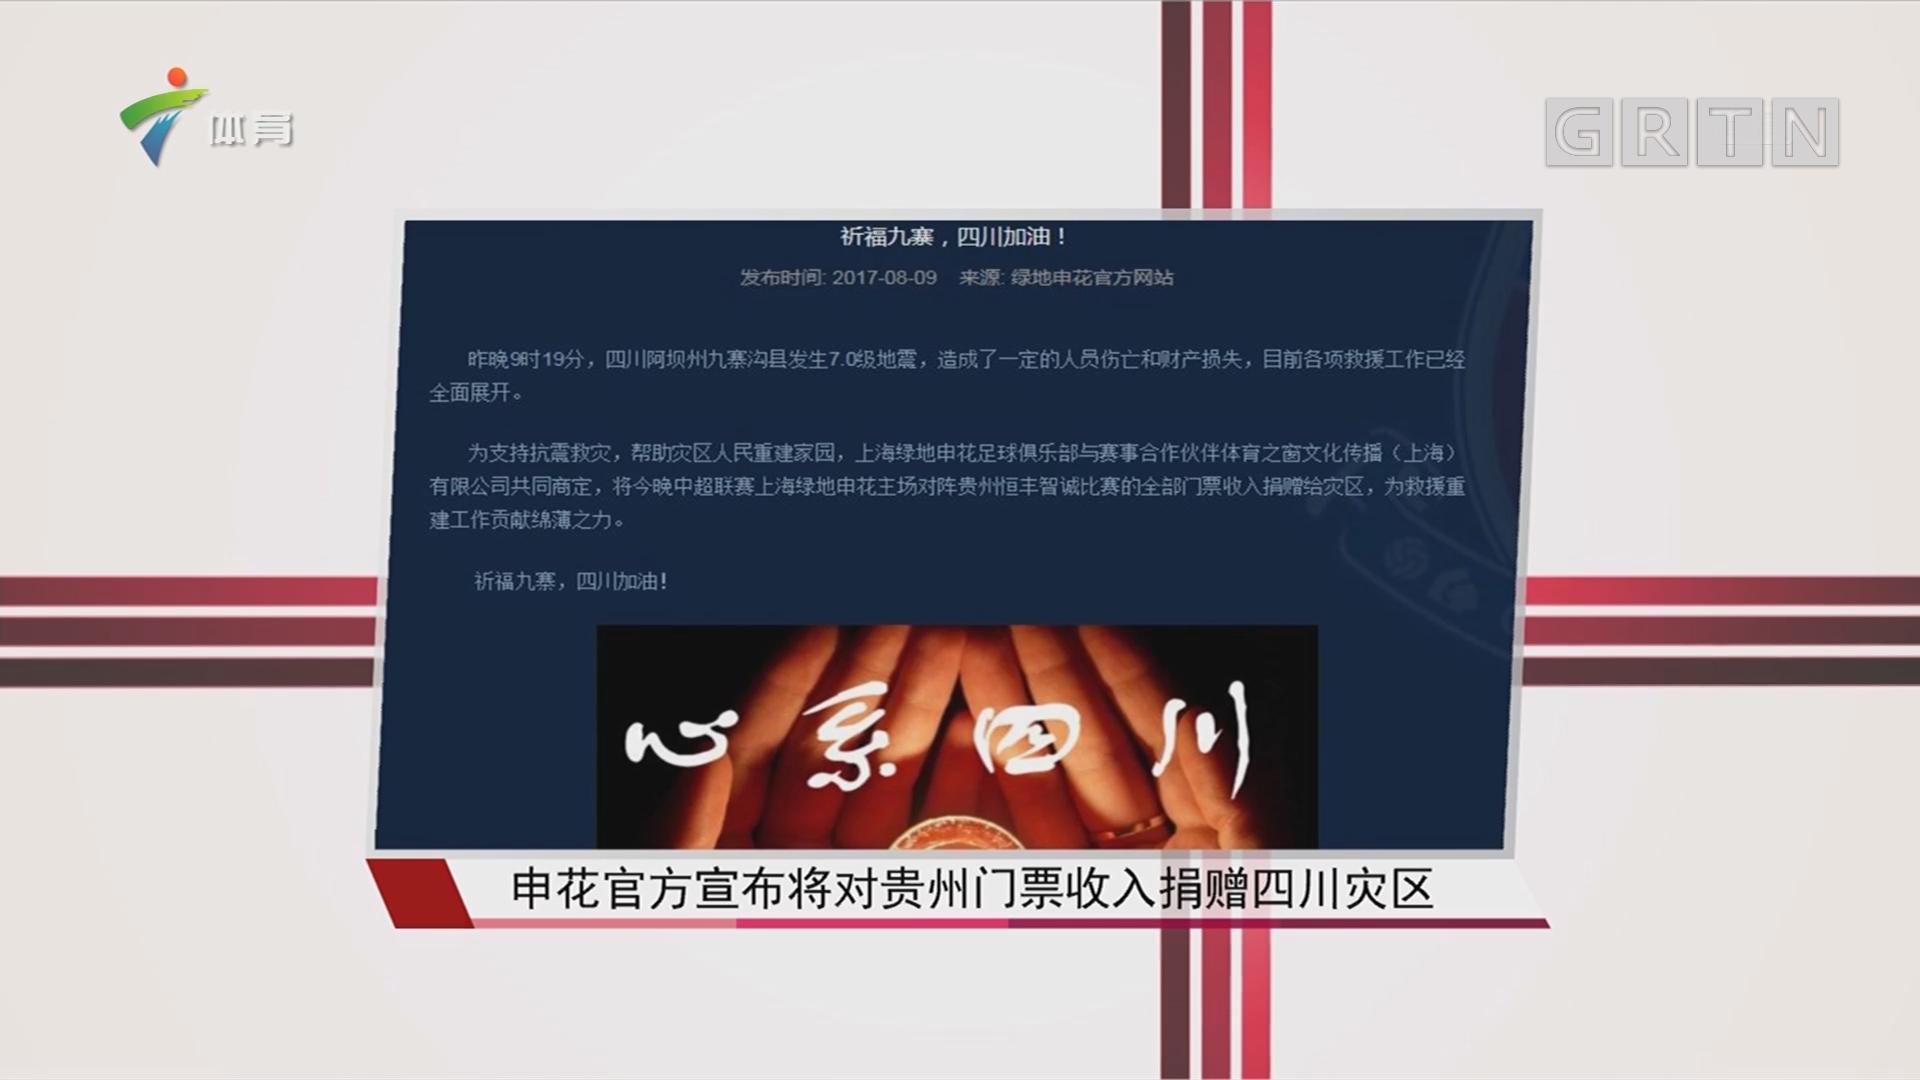 申花官方宣布将对贵州门票收入捐赠四川灾区